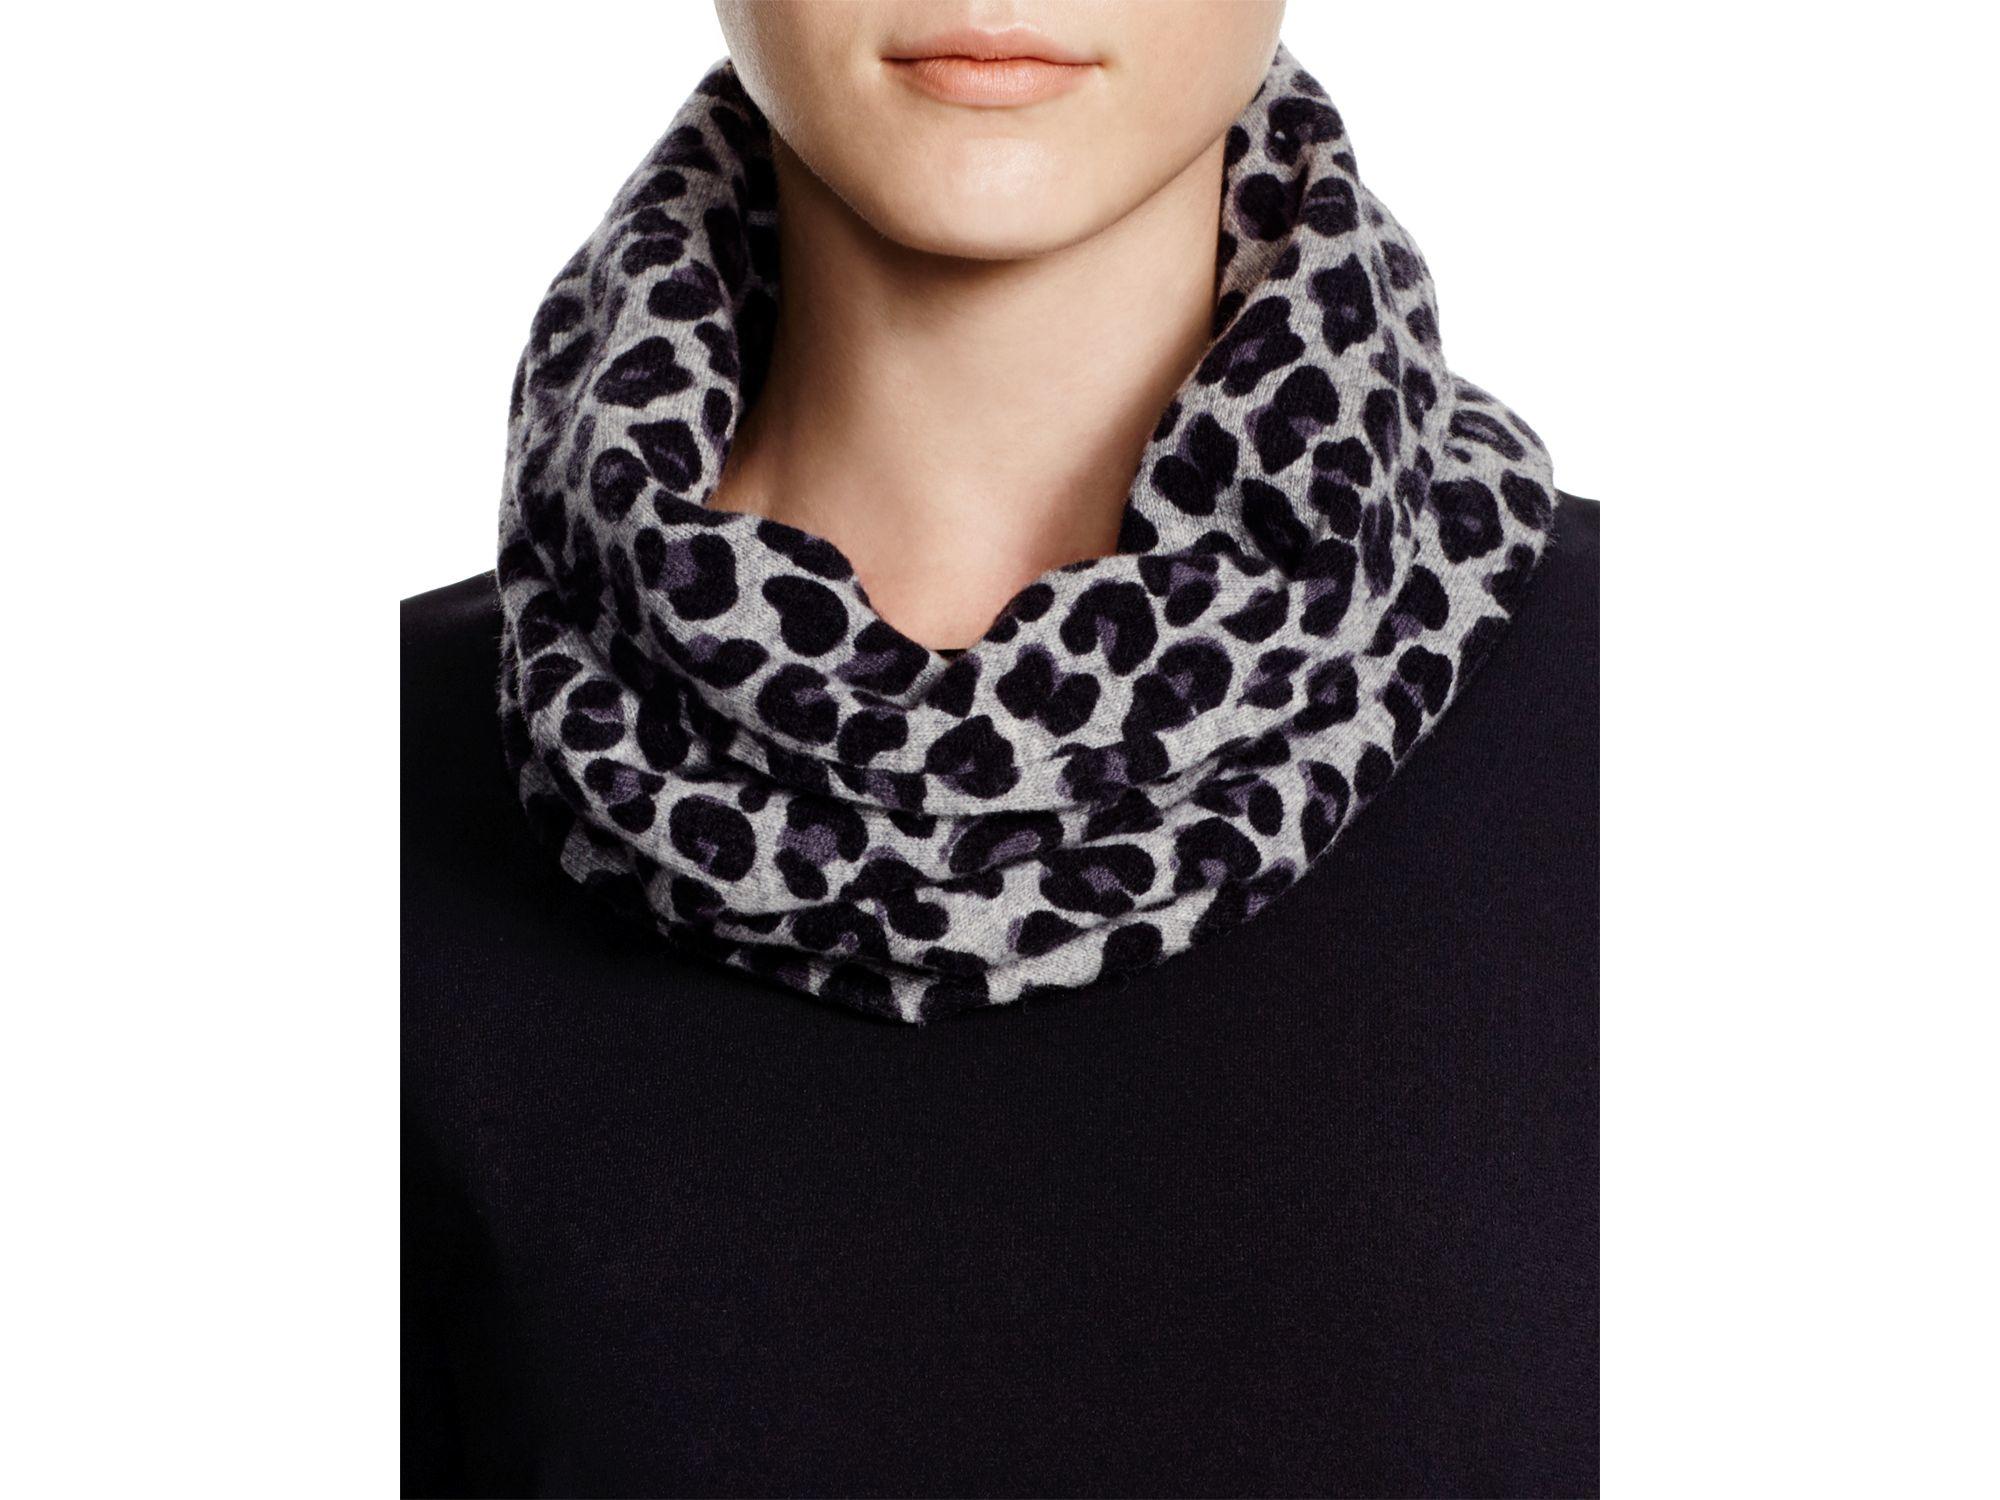 Infinity leopard scarf macy?s new photo